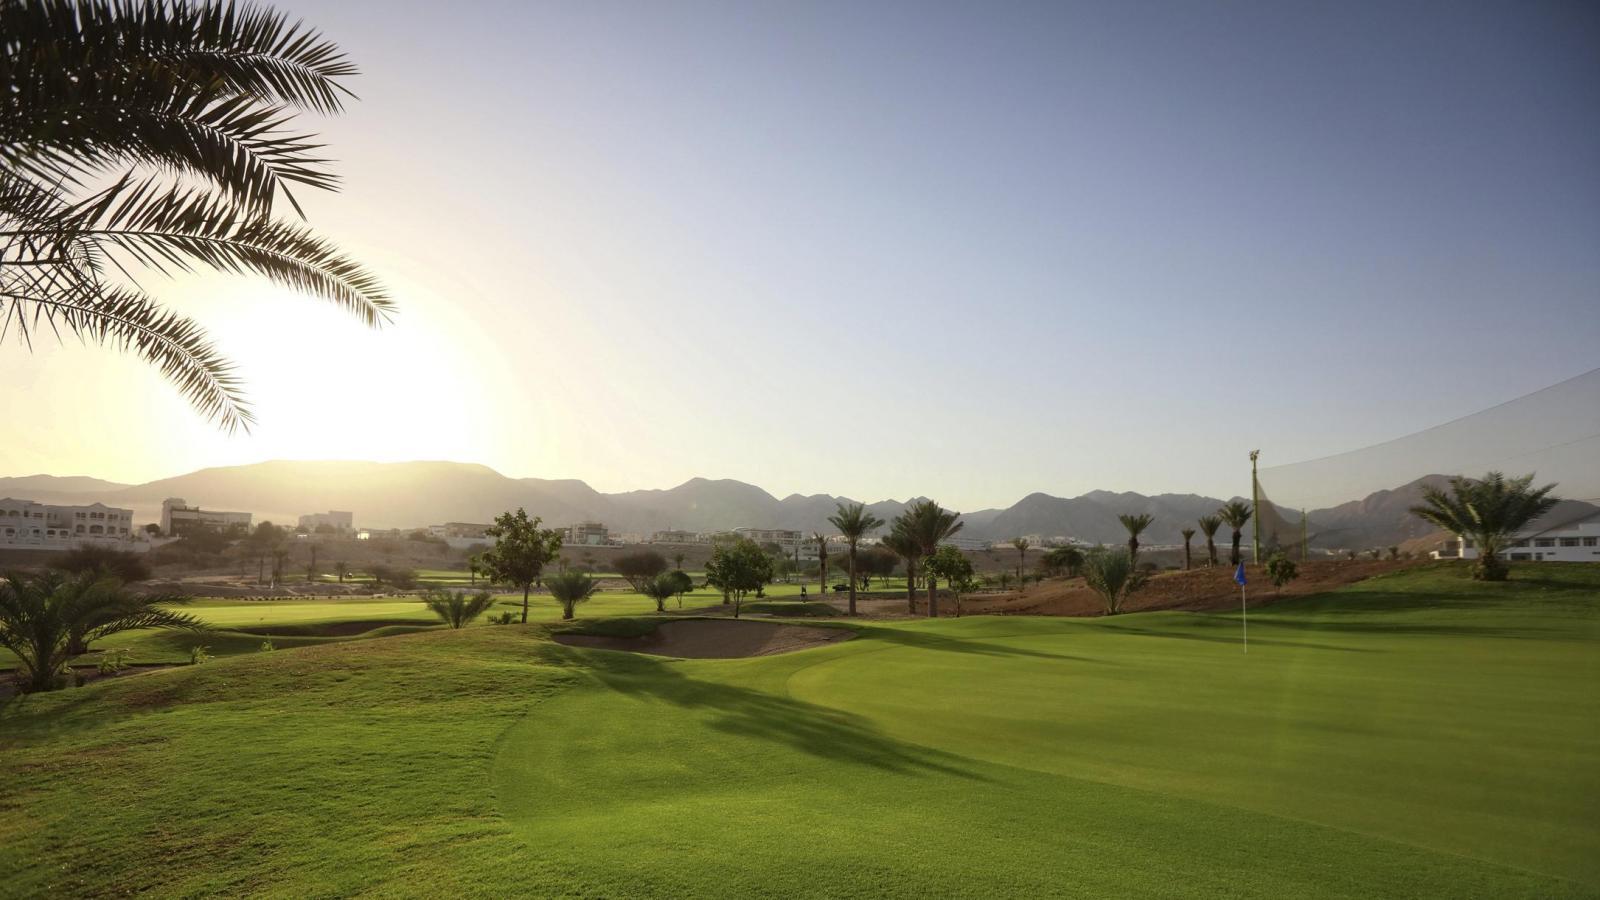 ghala-golf-club-19-xl